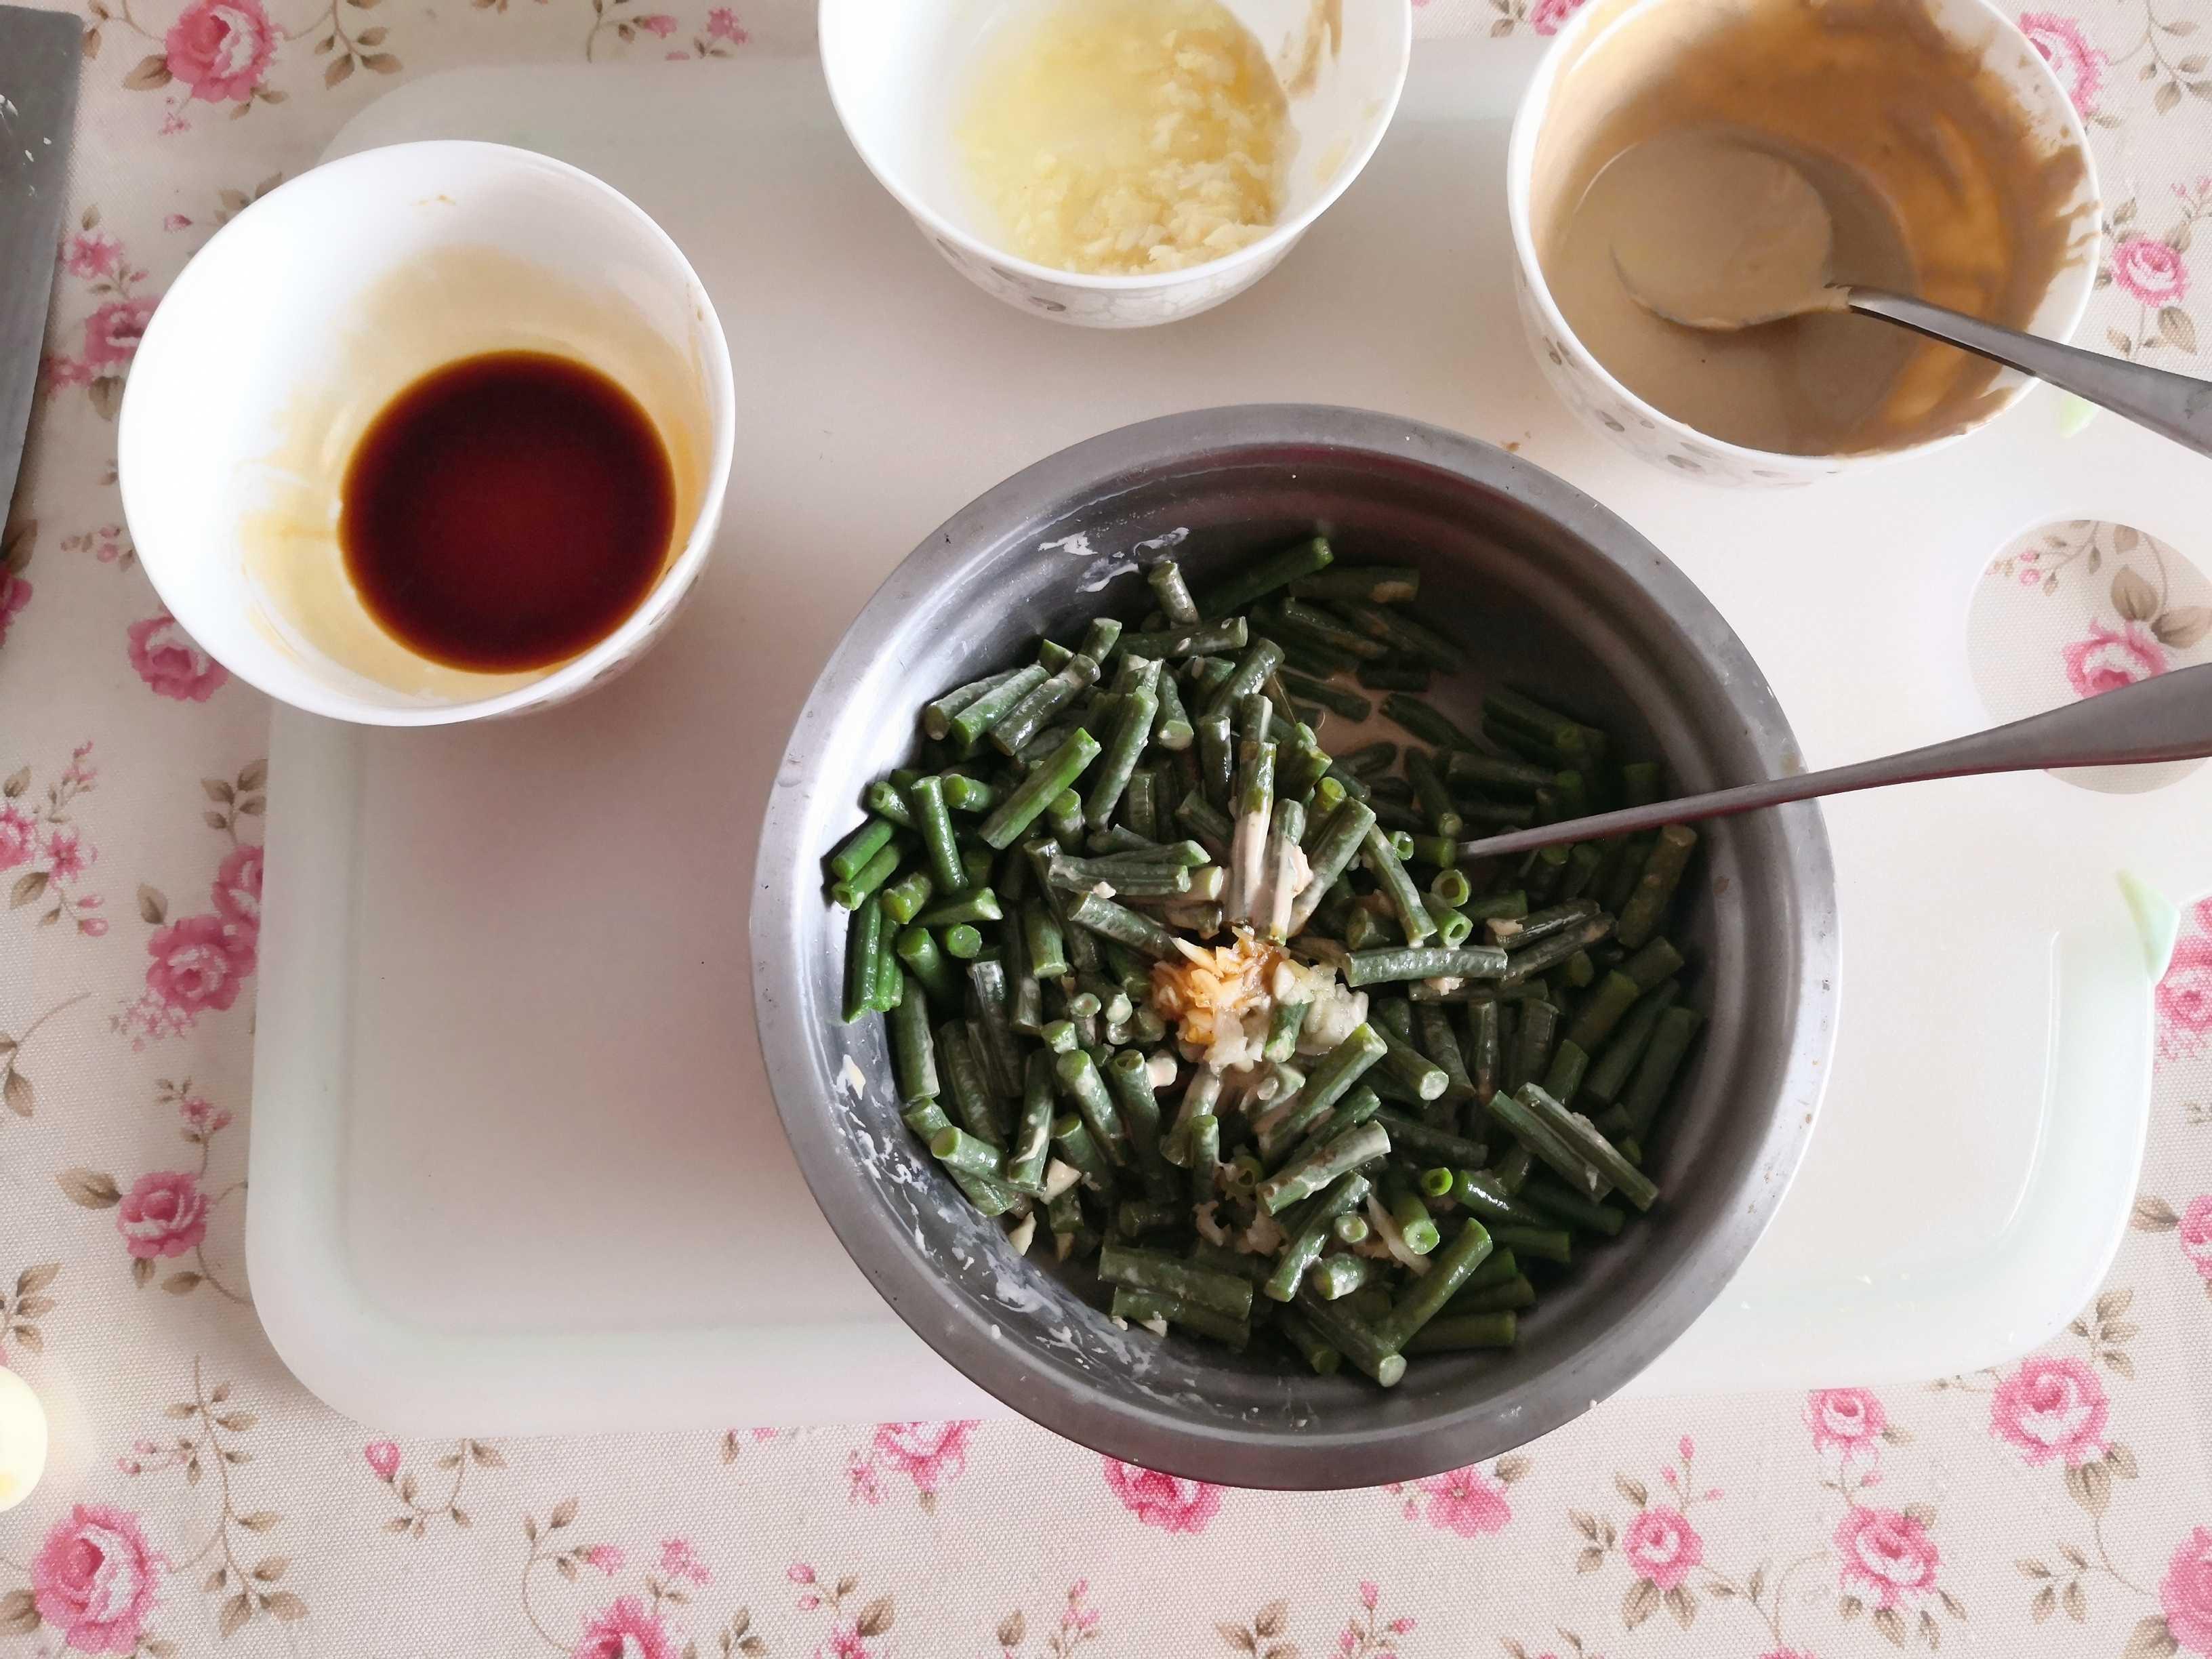 蒜泥豇豆怎么吃